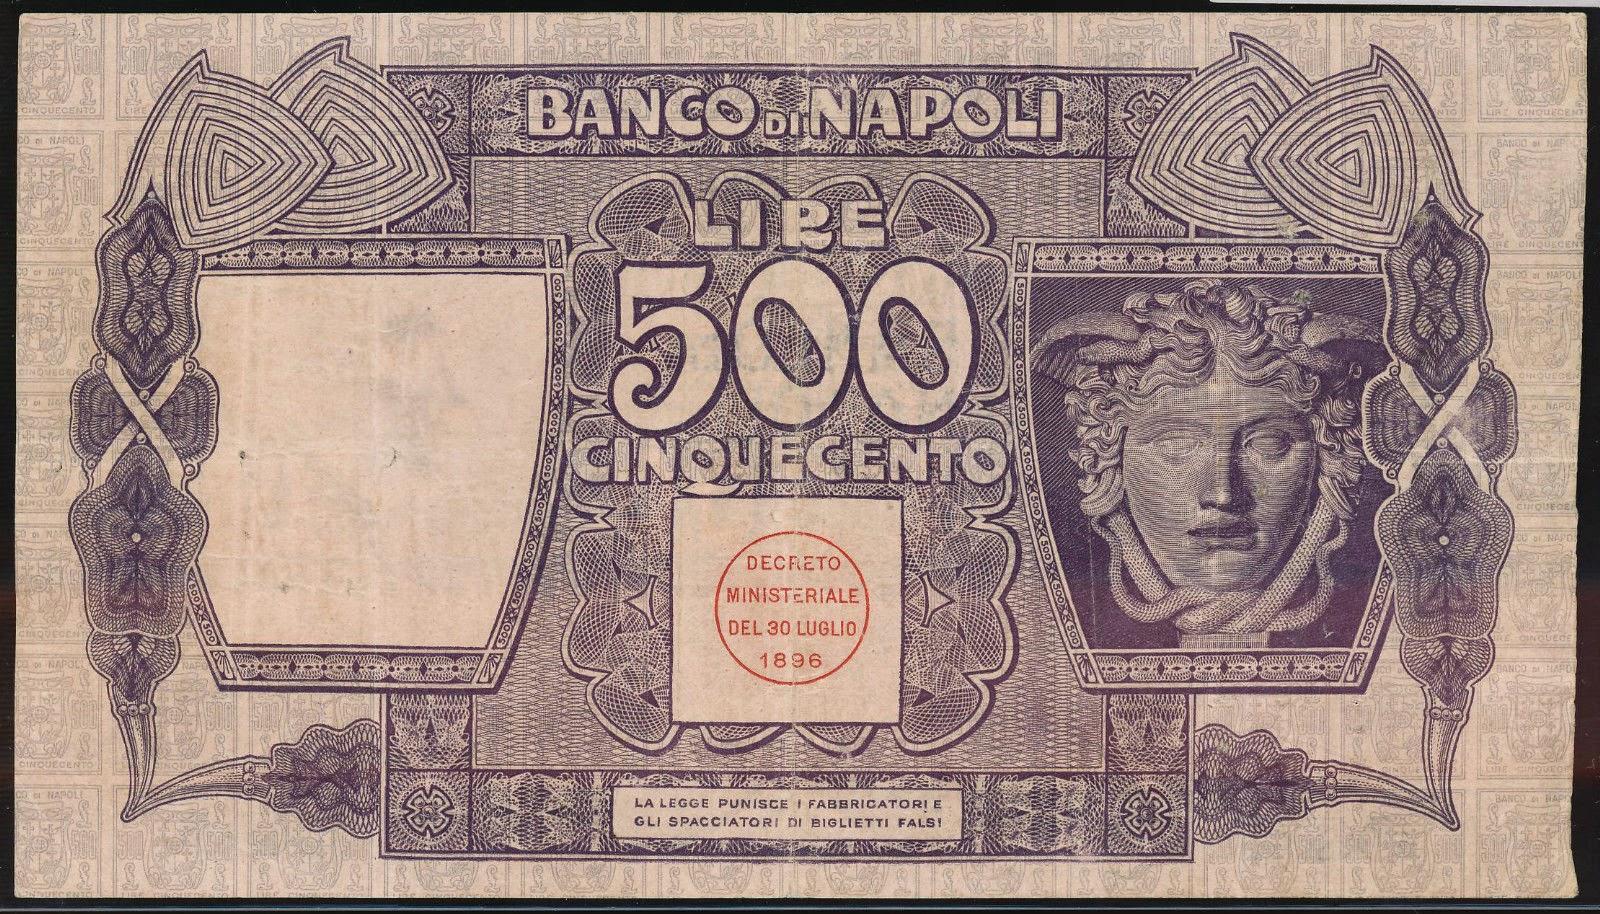 Italy paper money 500 Lire banknote Banco di Napoli